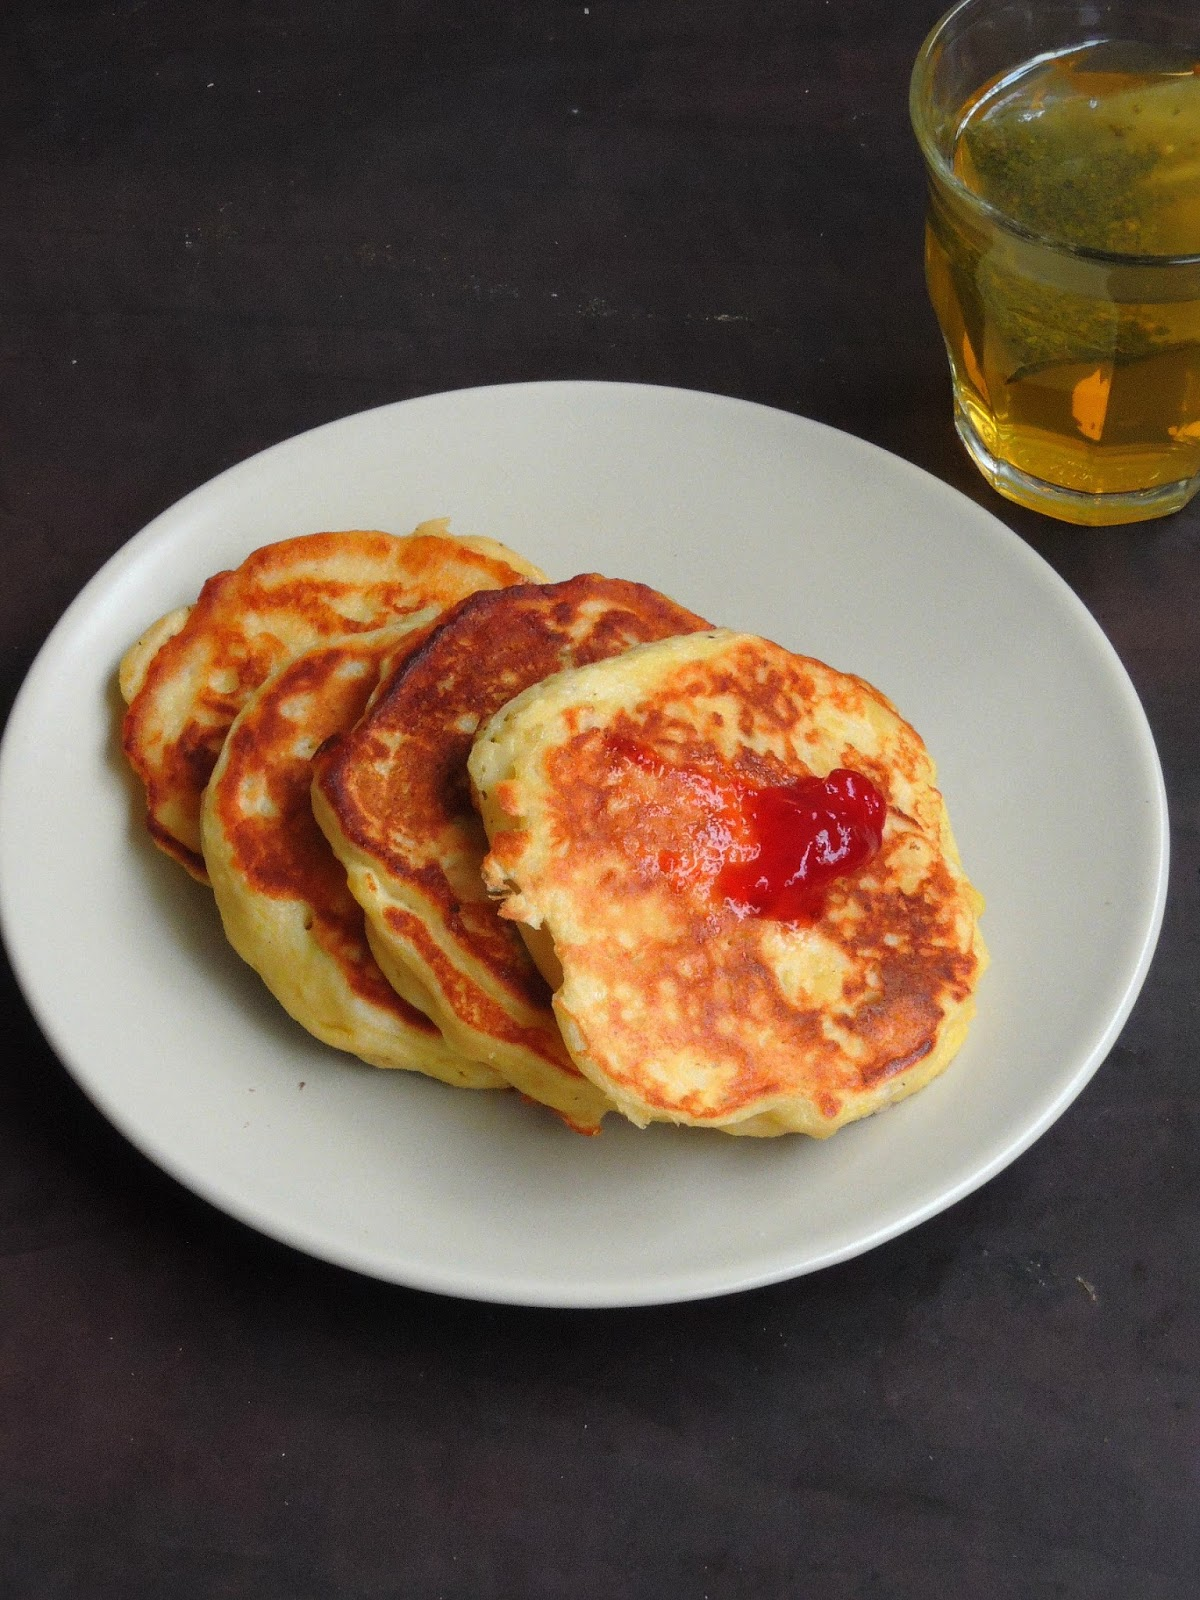 Priya S Versatile Recipes Mashed Potato Pancakes American